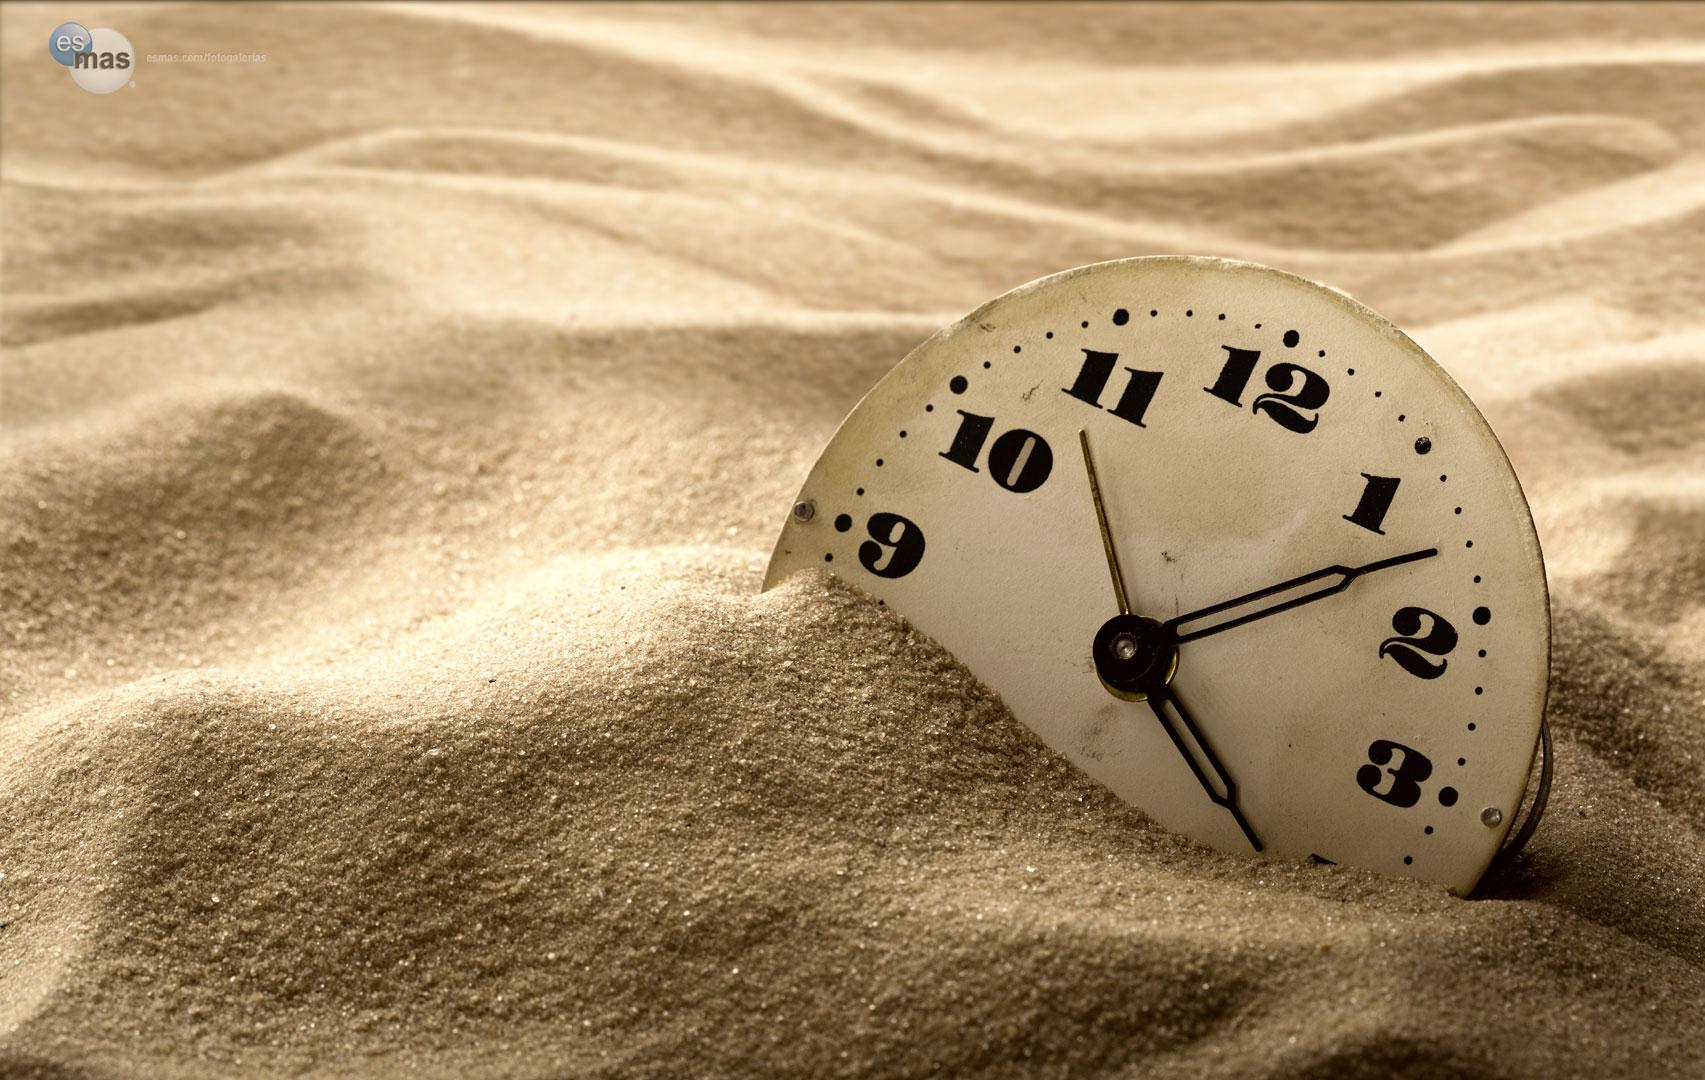 El misterio del tiempo surysur - Tiempo en paracuellos del jarama ...